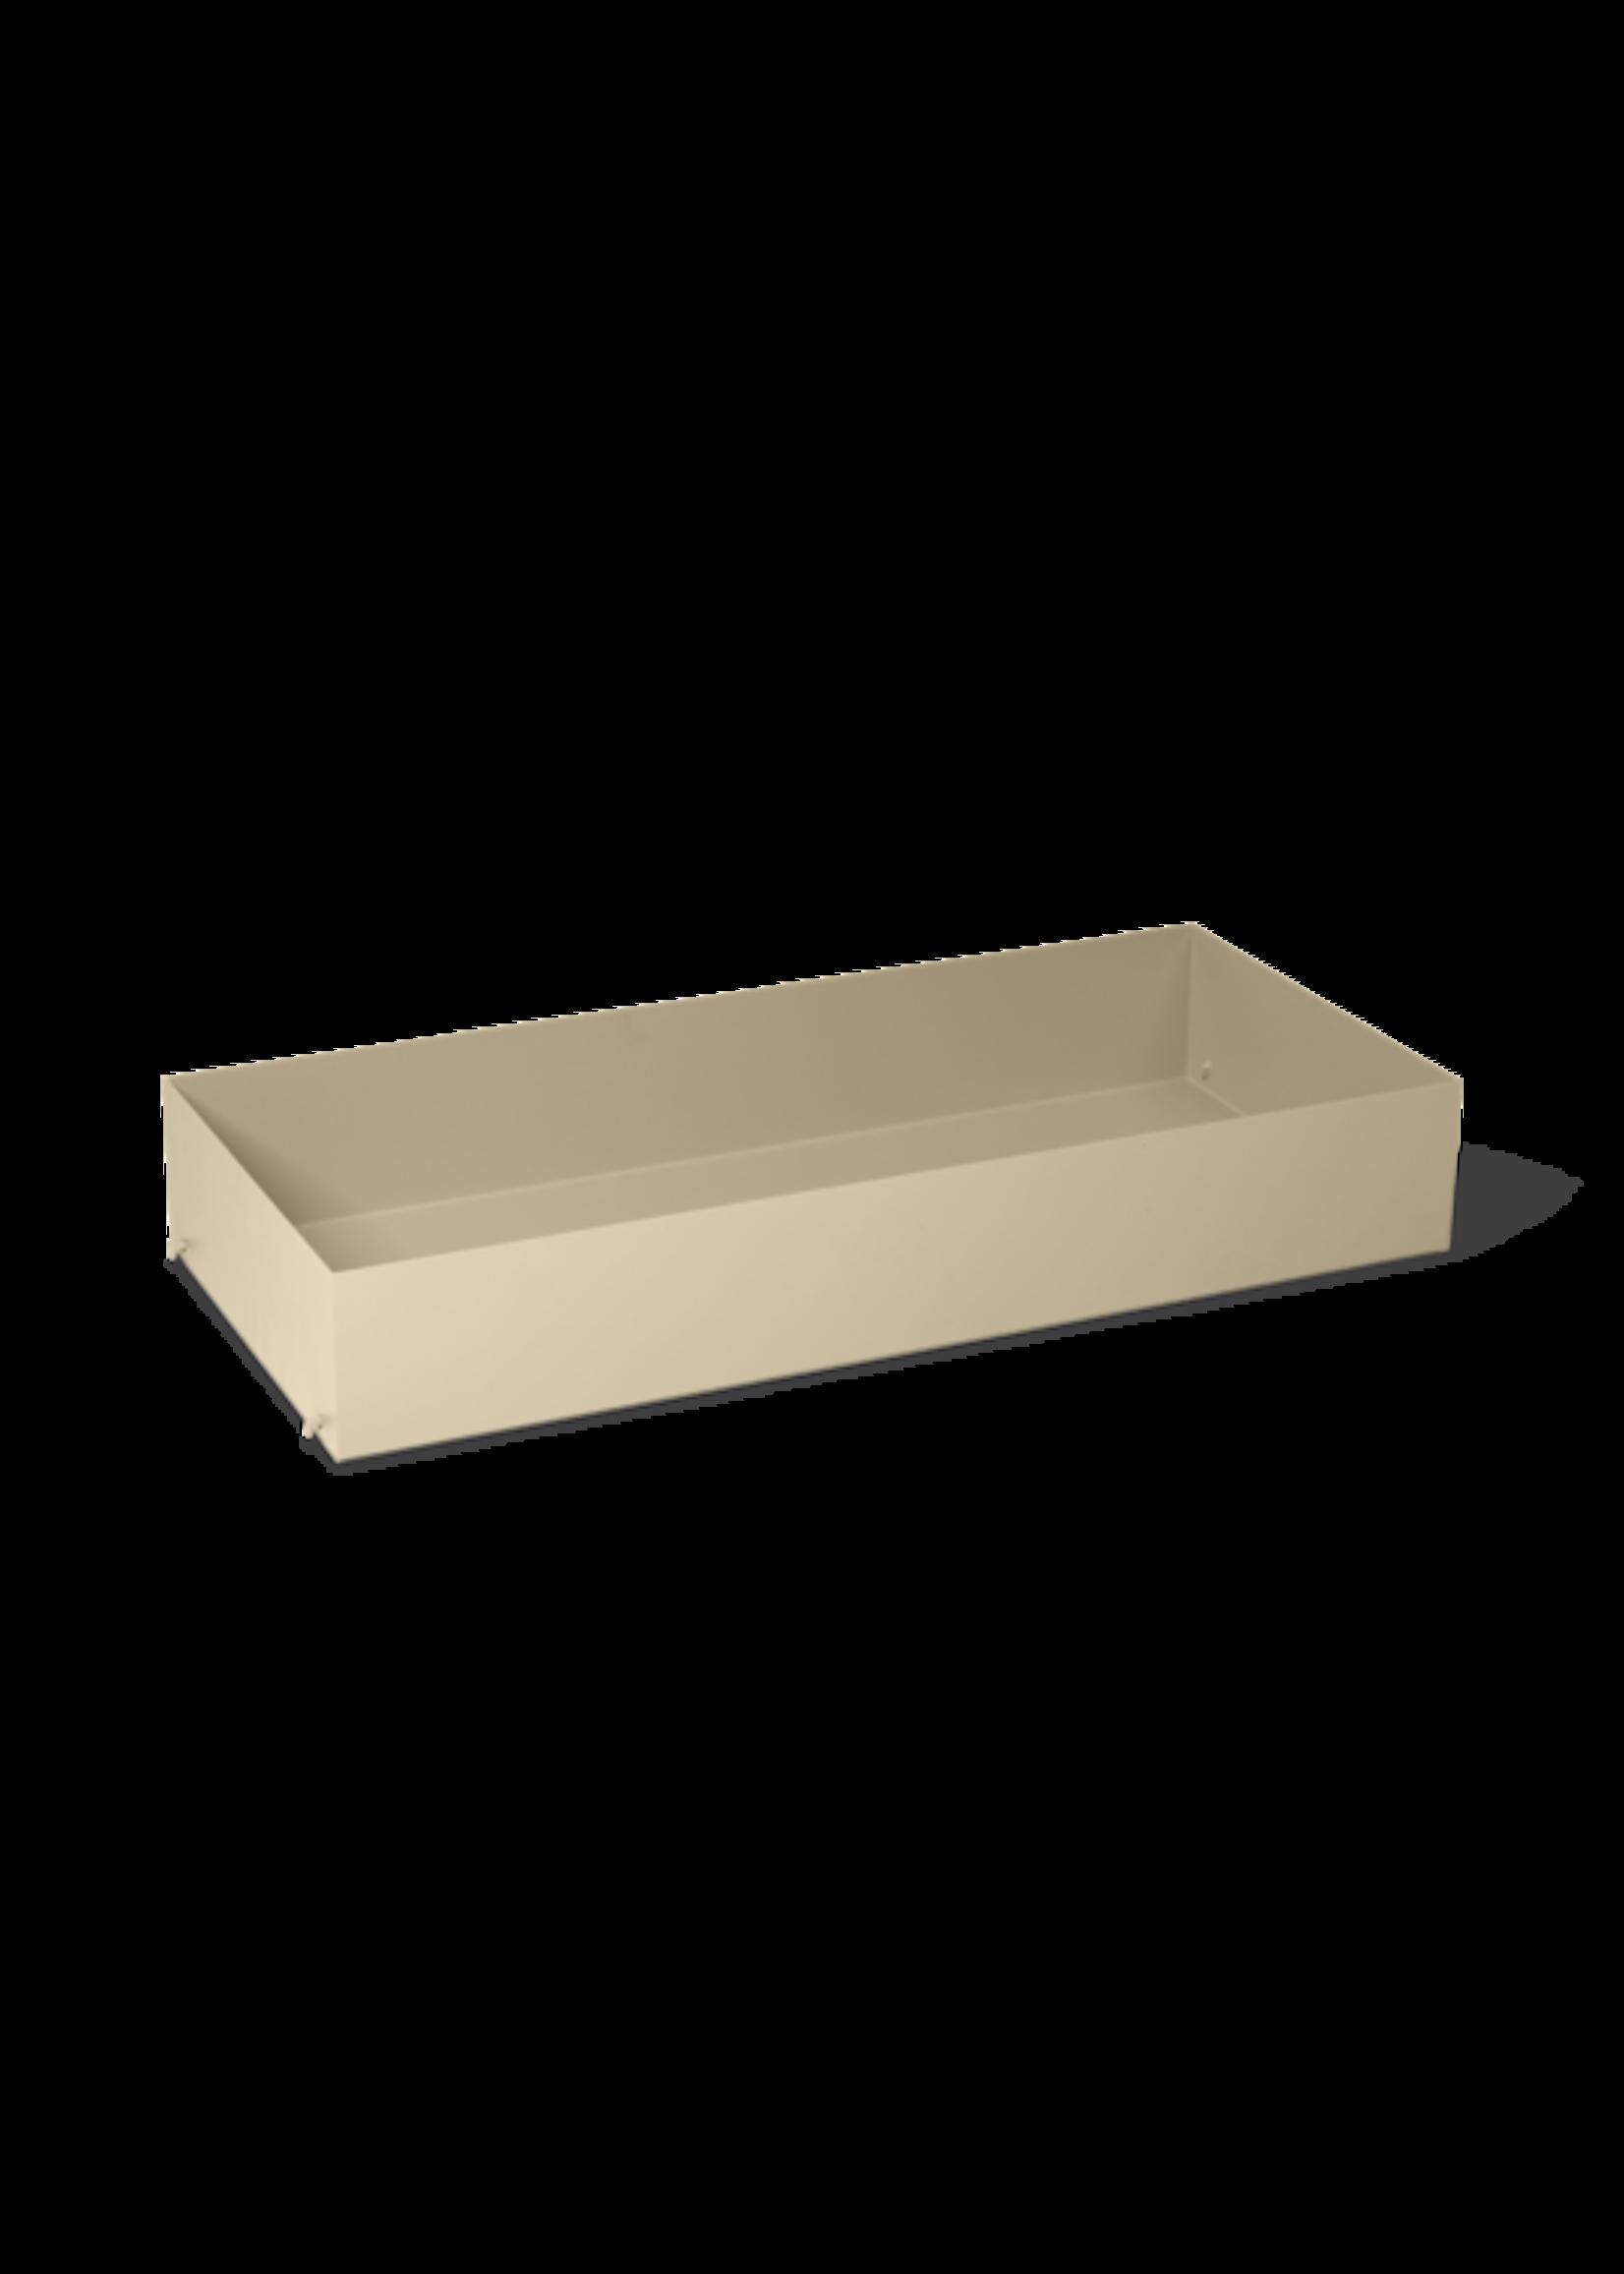 ferm LIVING ferm LIVING Punctual - Shelf Box- Cashmere